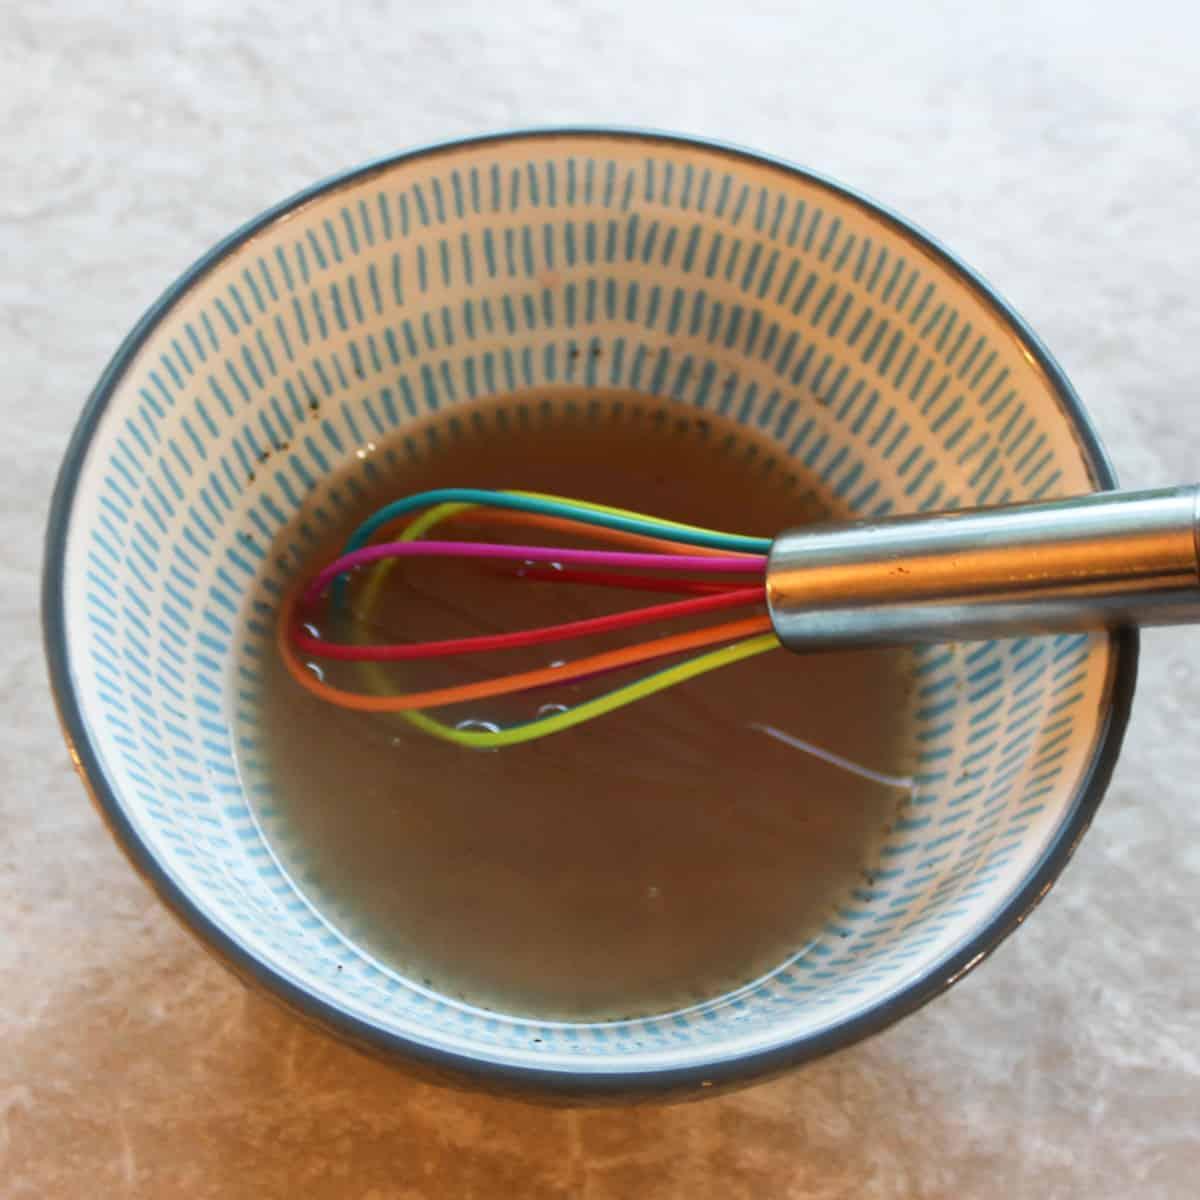 whisk together oil and vinegar